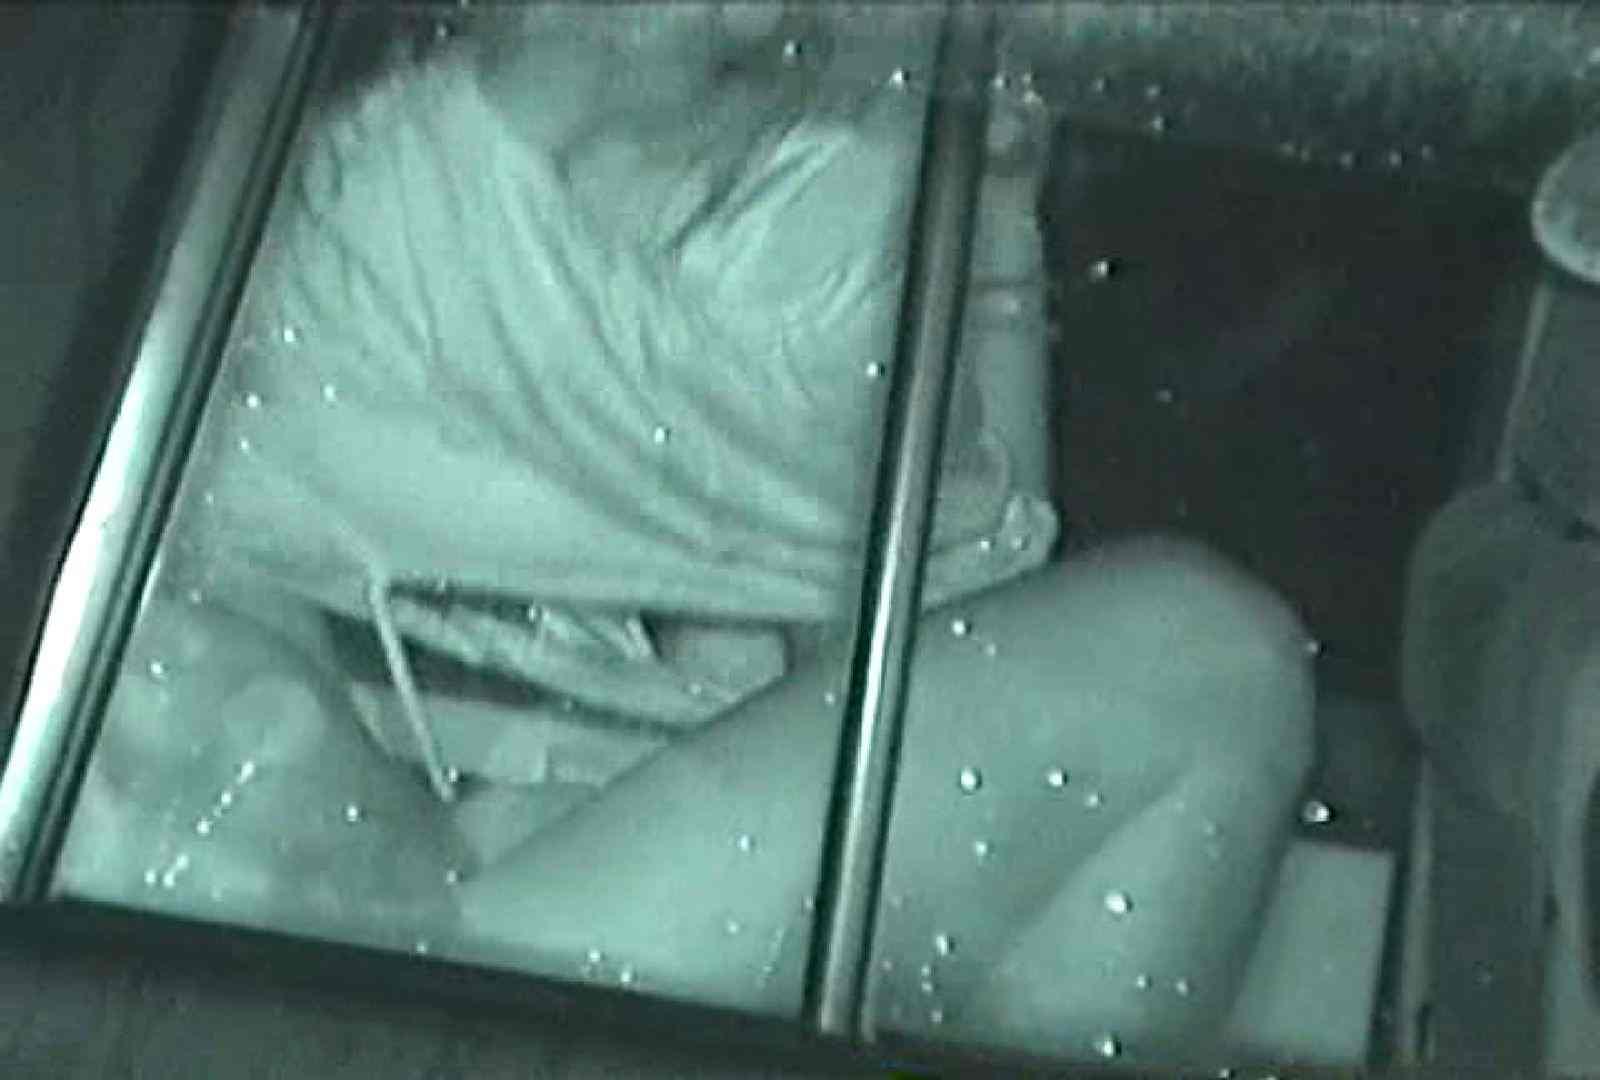 充血監督の深夜の運動会Vol.100 おまんこ無修正 性交動画流出 107画像 23